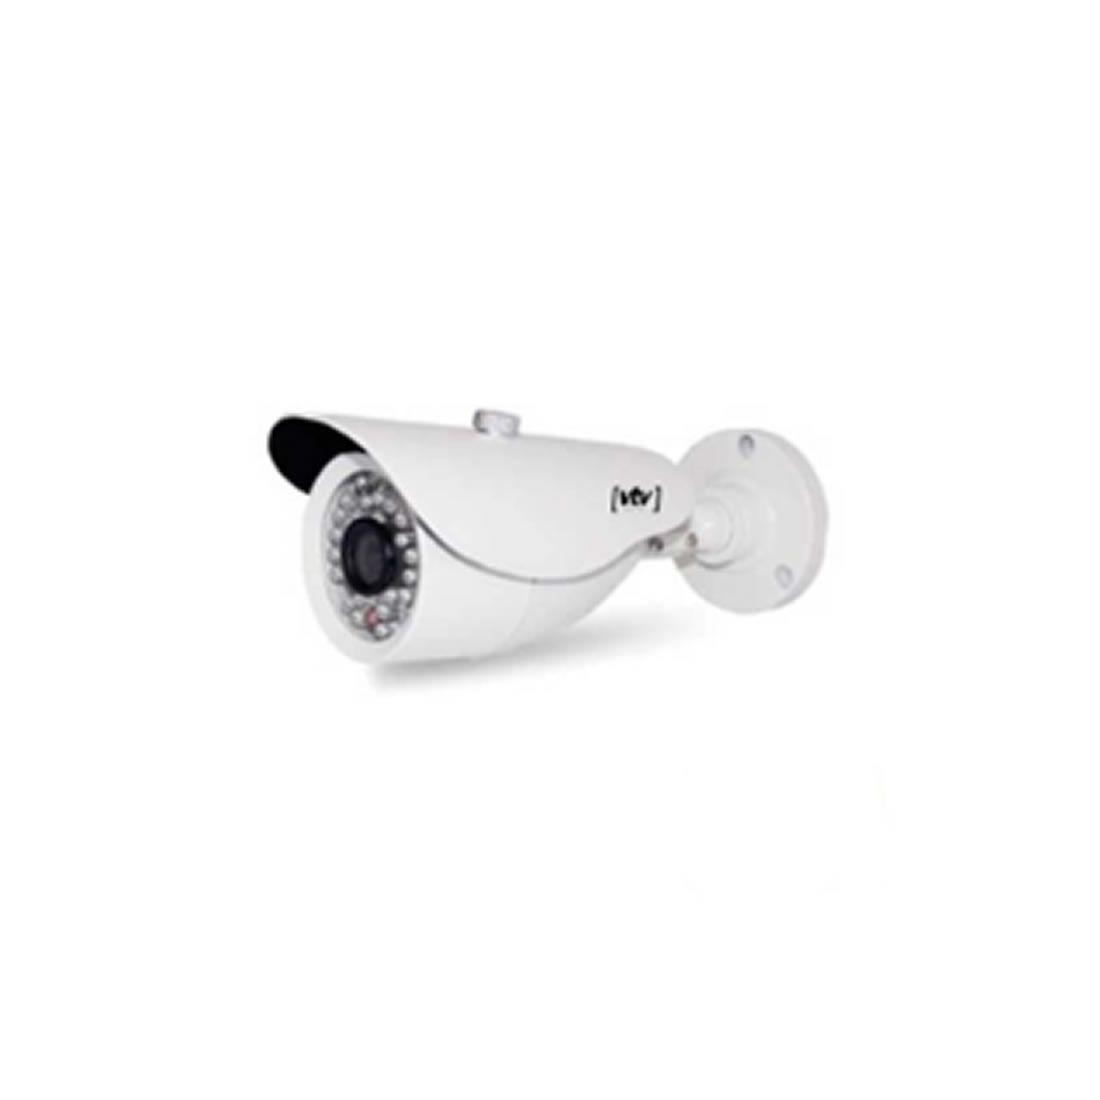 Camêra Bullet VTV L-12 AHD 720p 3,6MM Led SMD